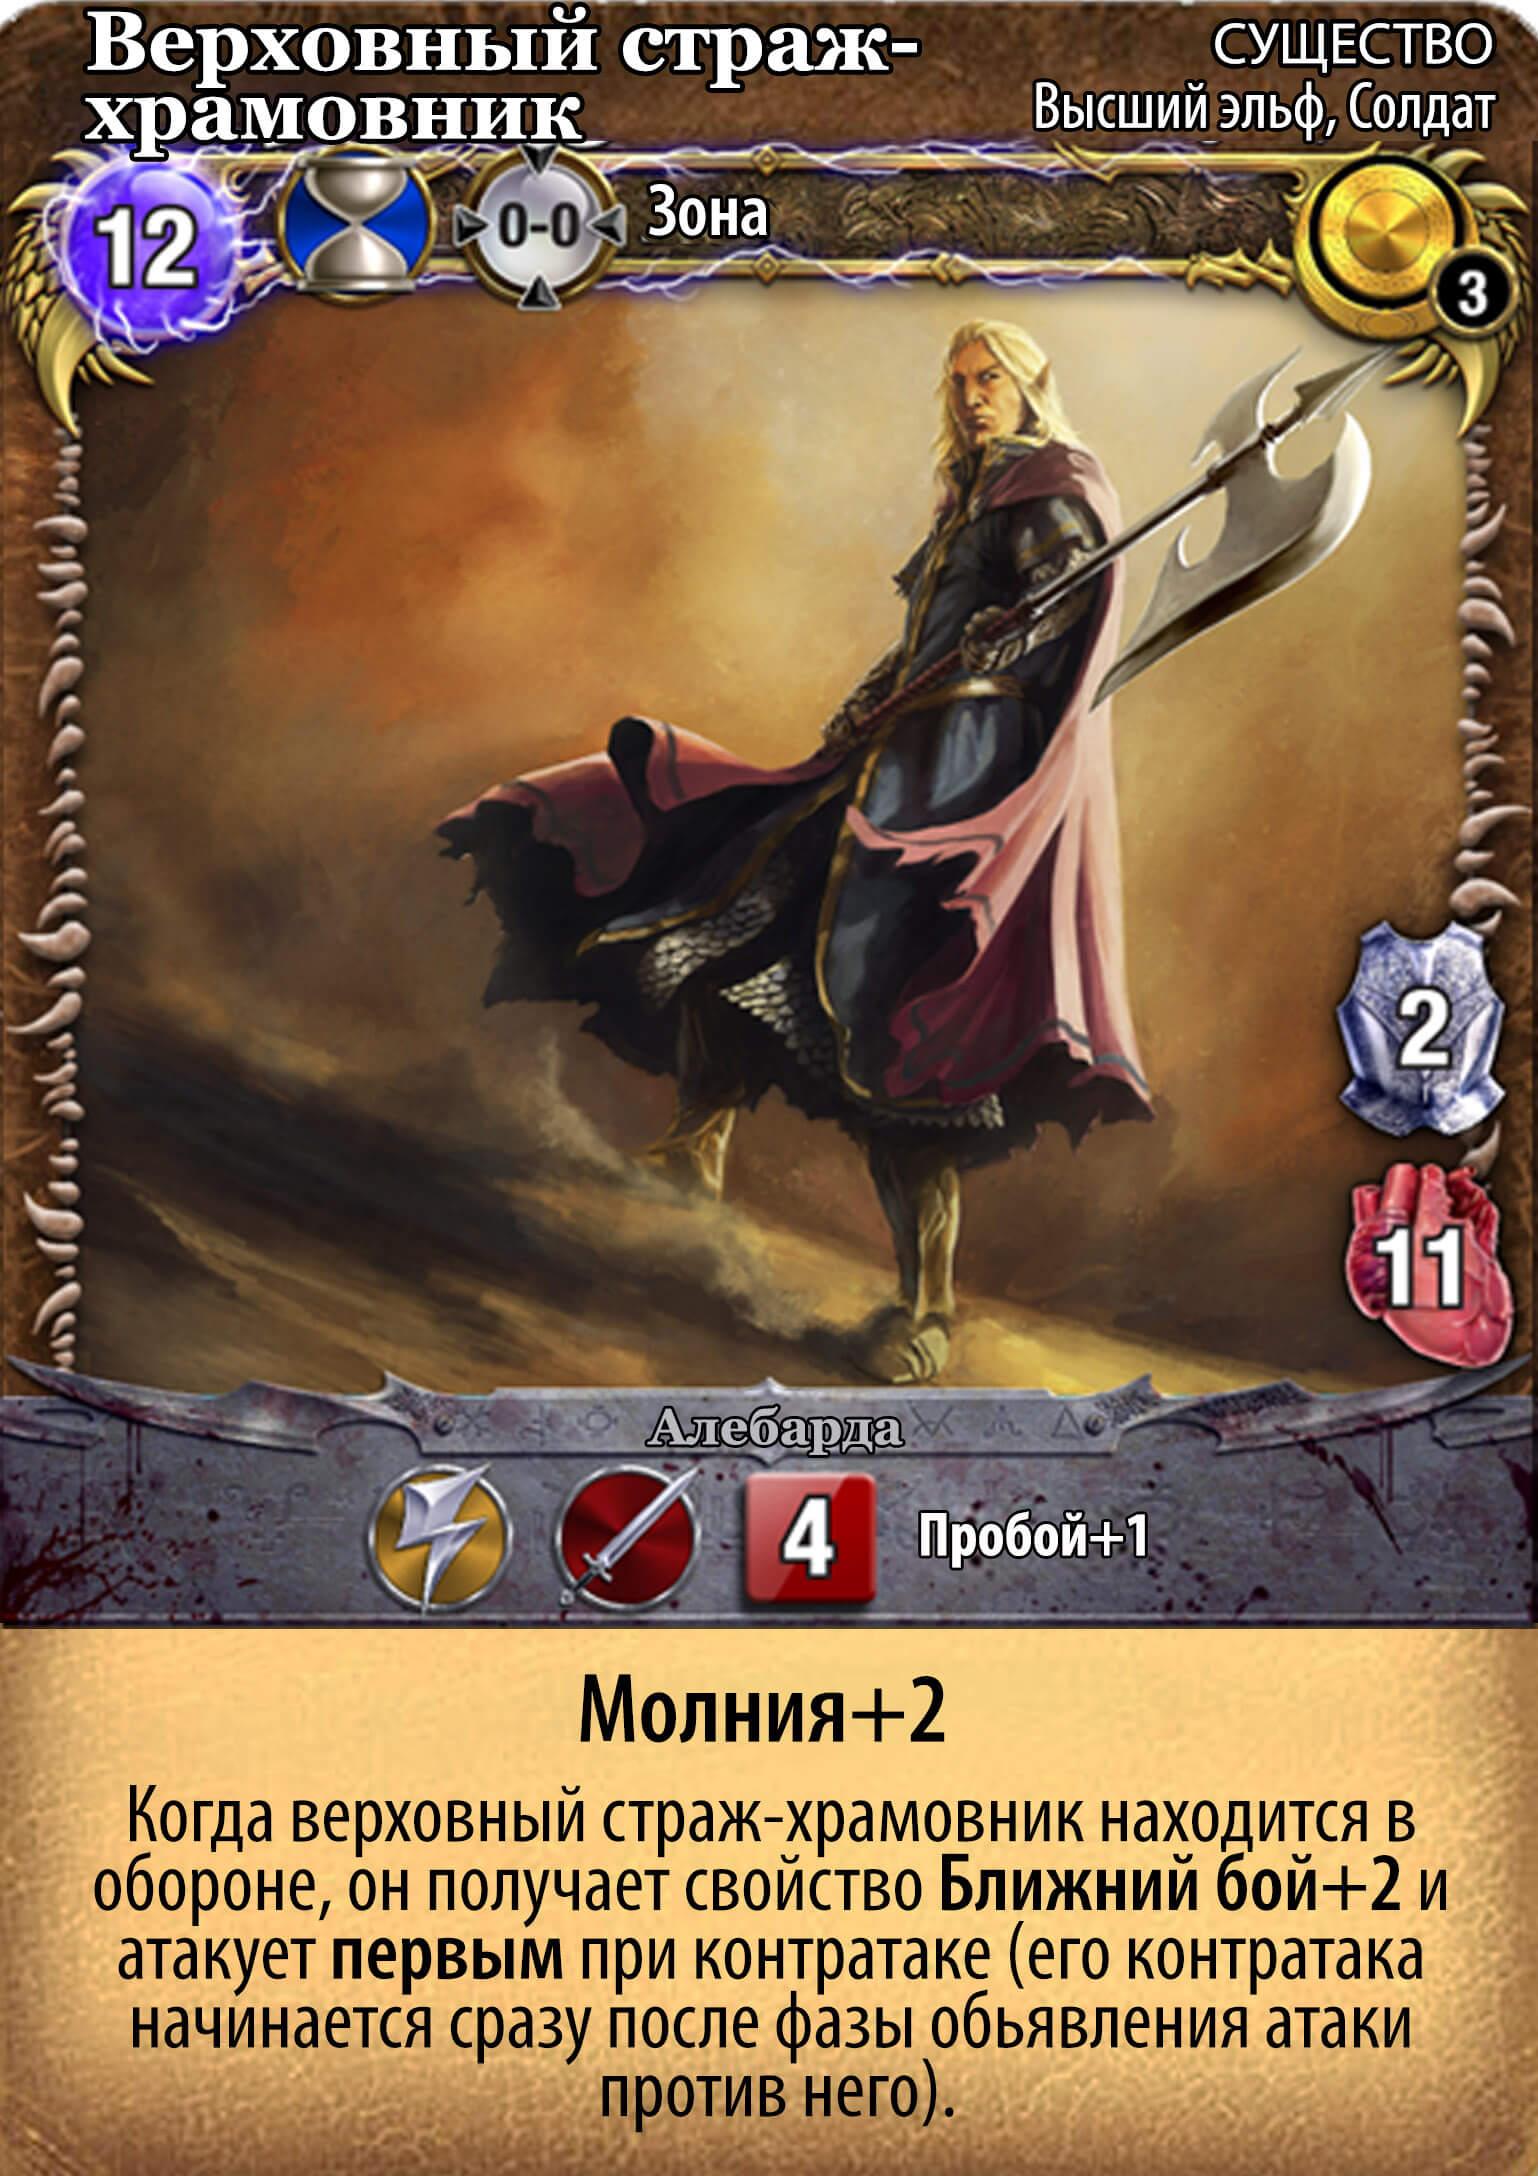 Верховный страж-храмовник